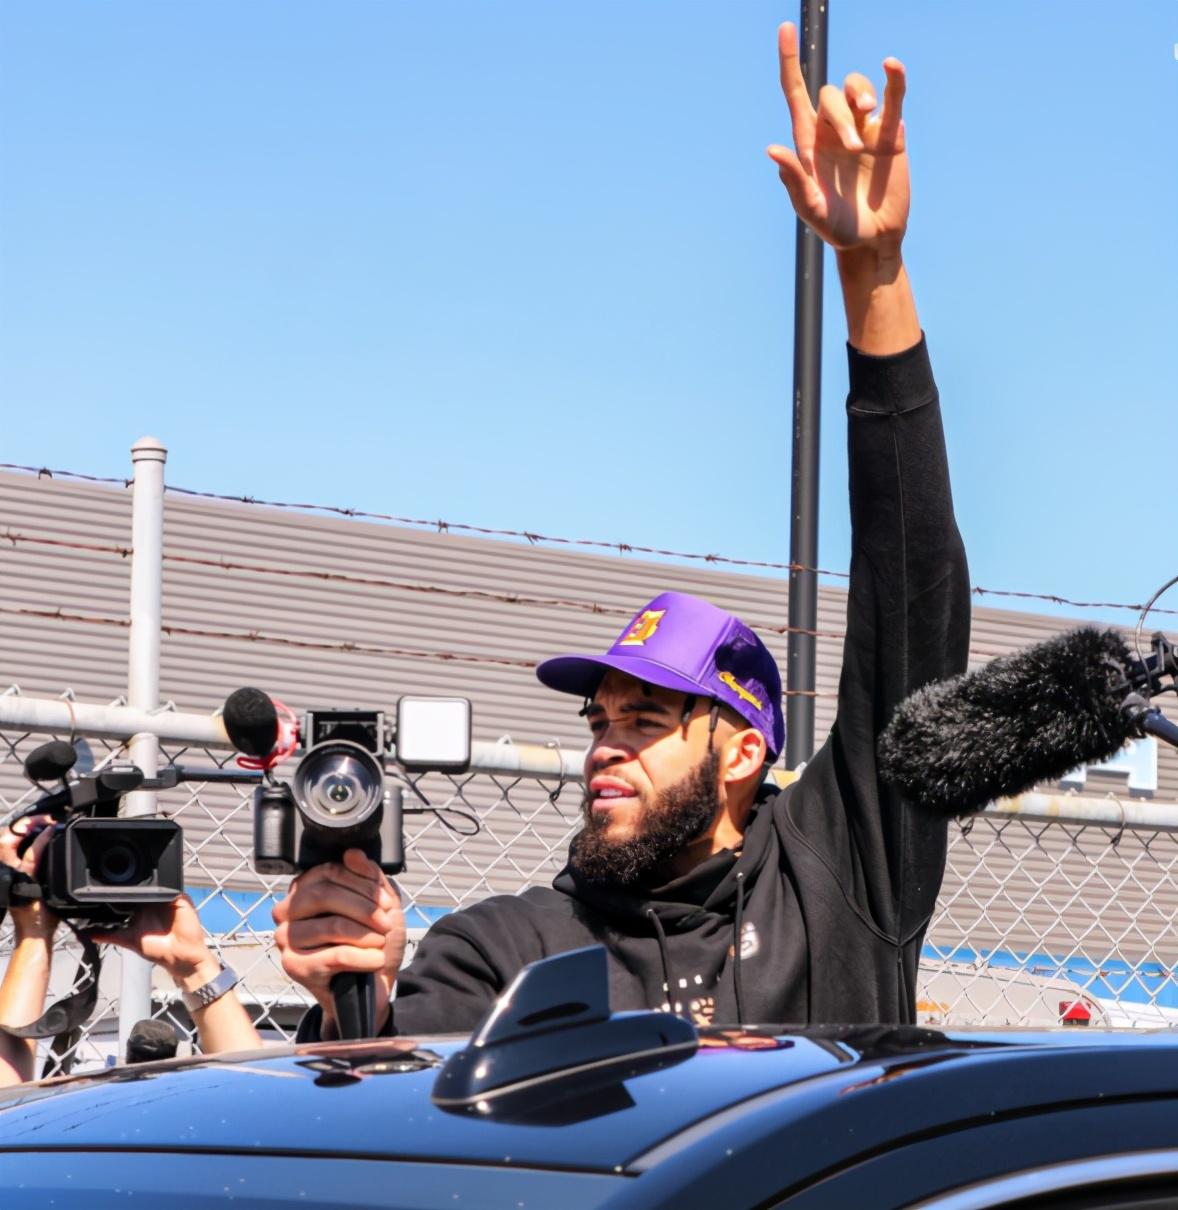 湖人发布球员抵达洛杉矶组图:老詹手捧奖杯,浓眉这眼神很好玩啊